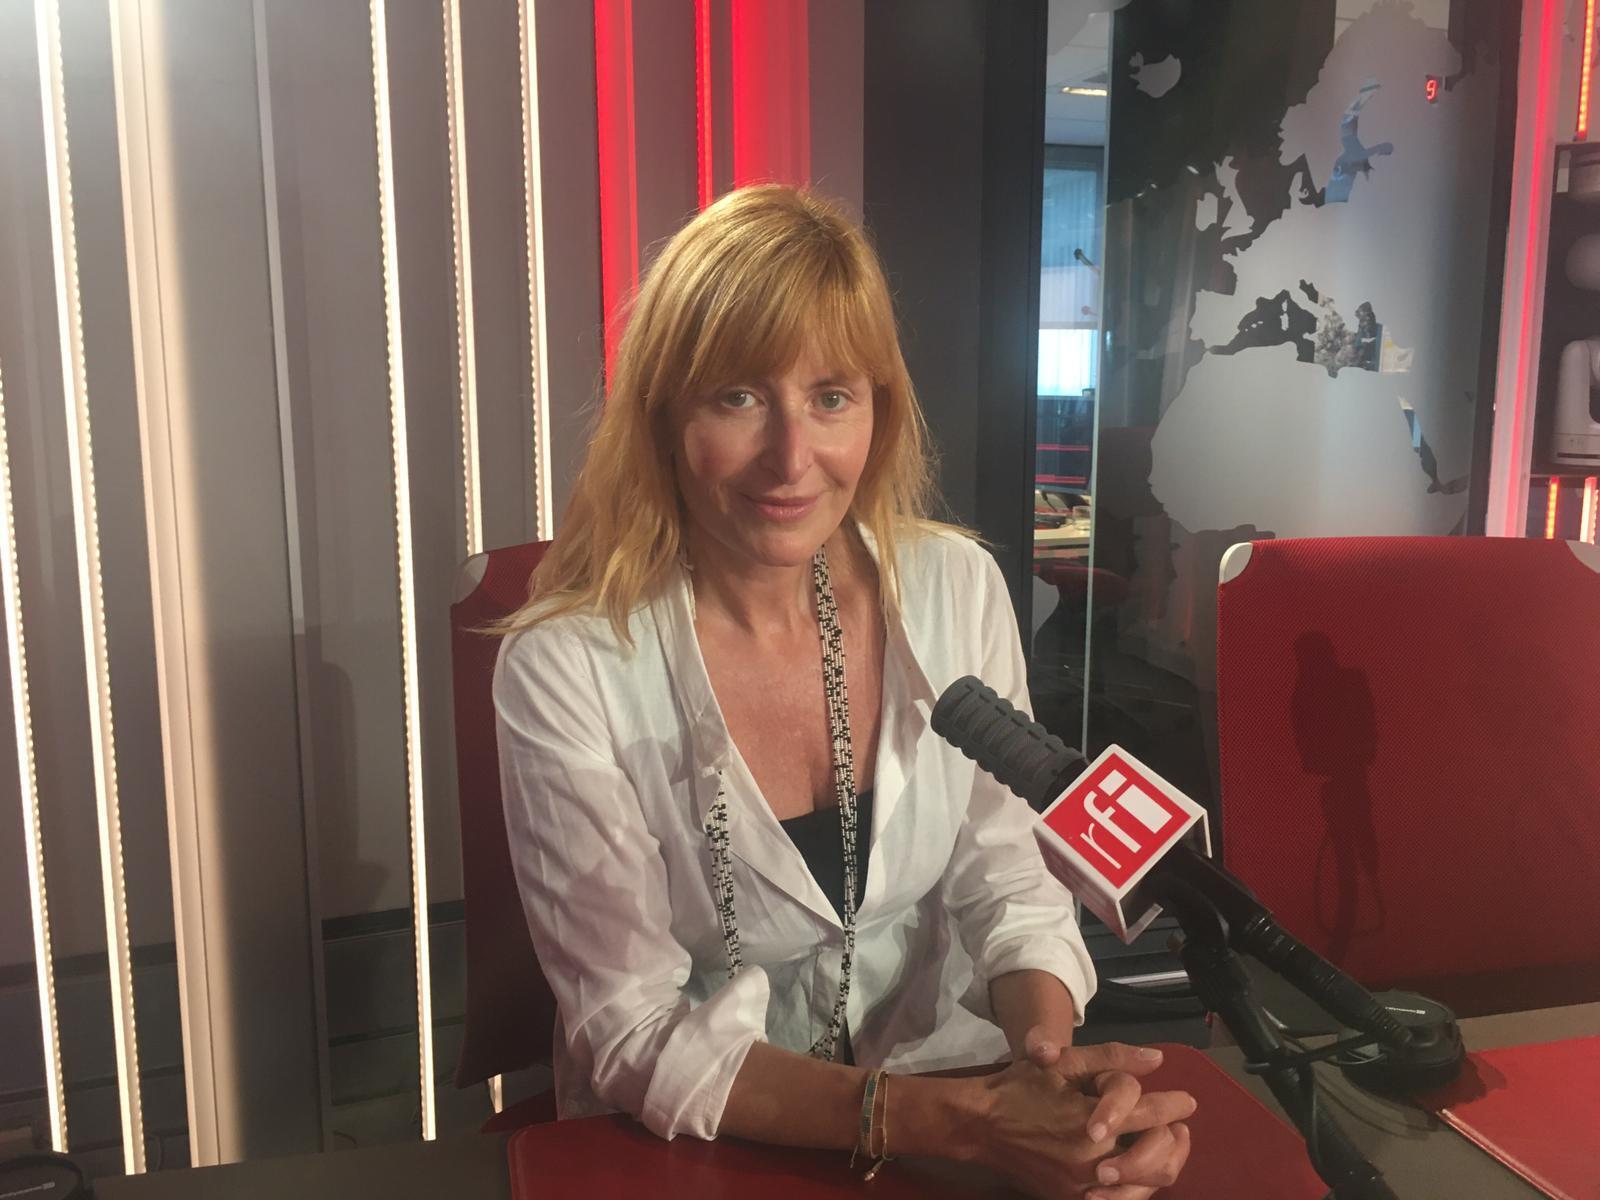 Sandra Hegedus